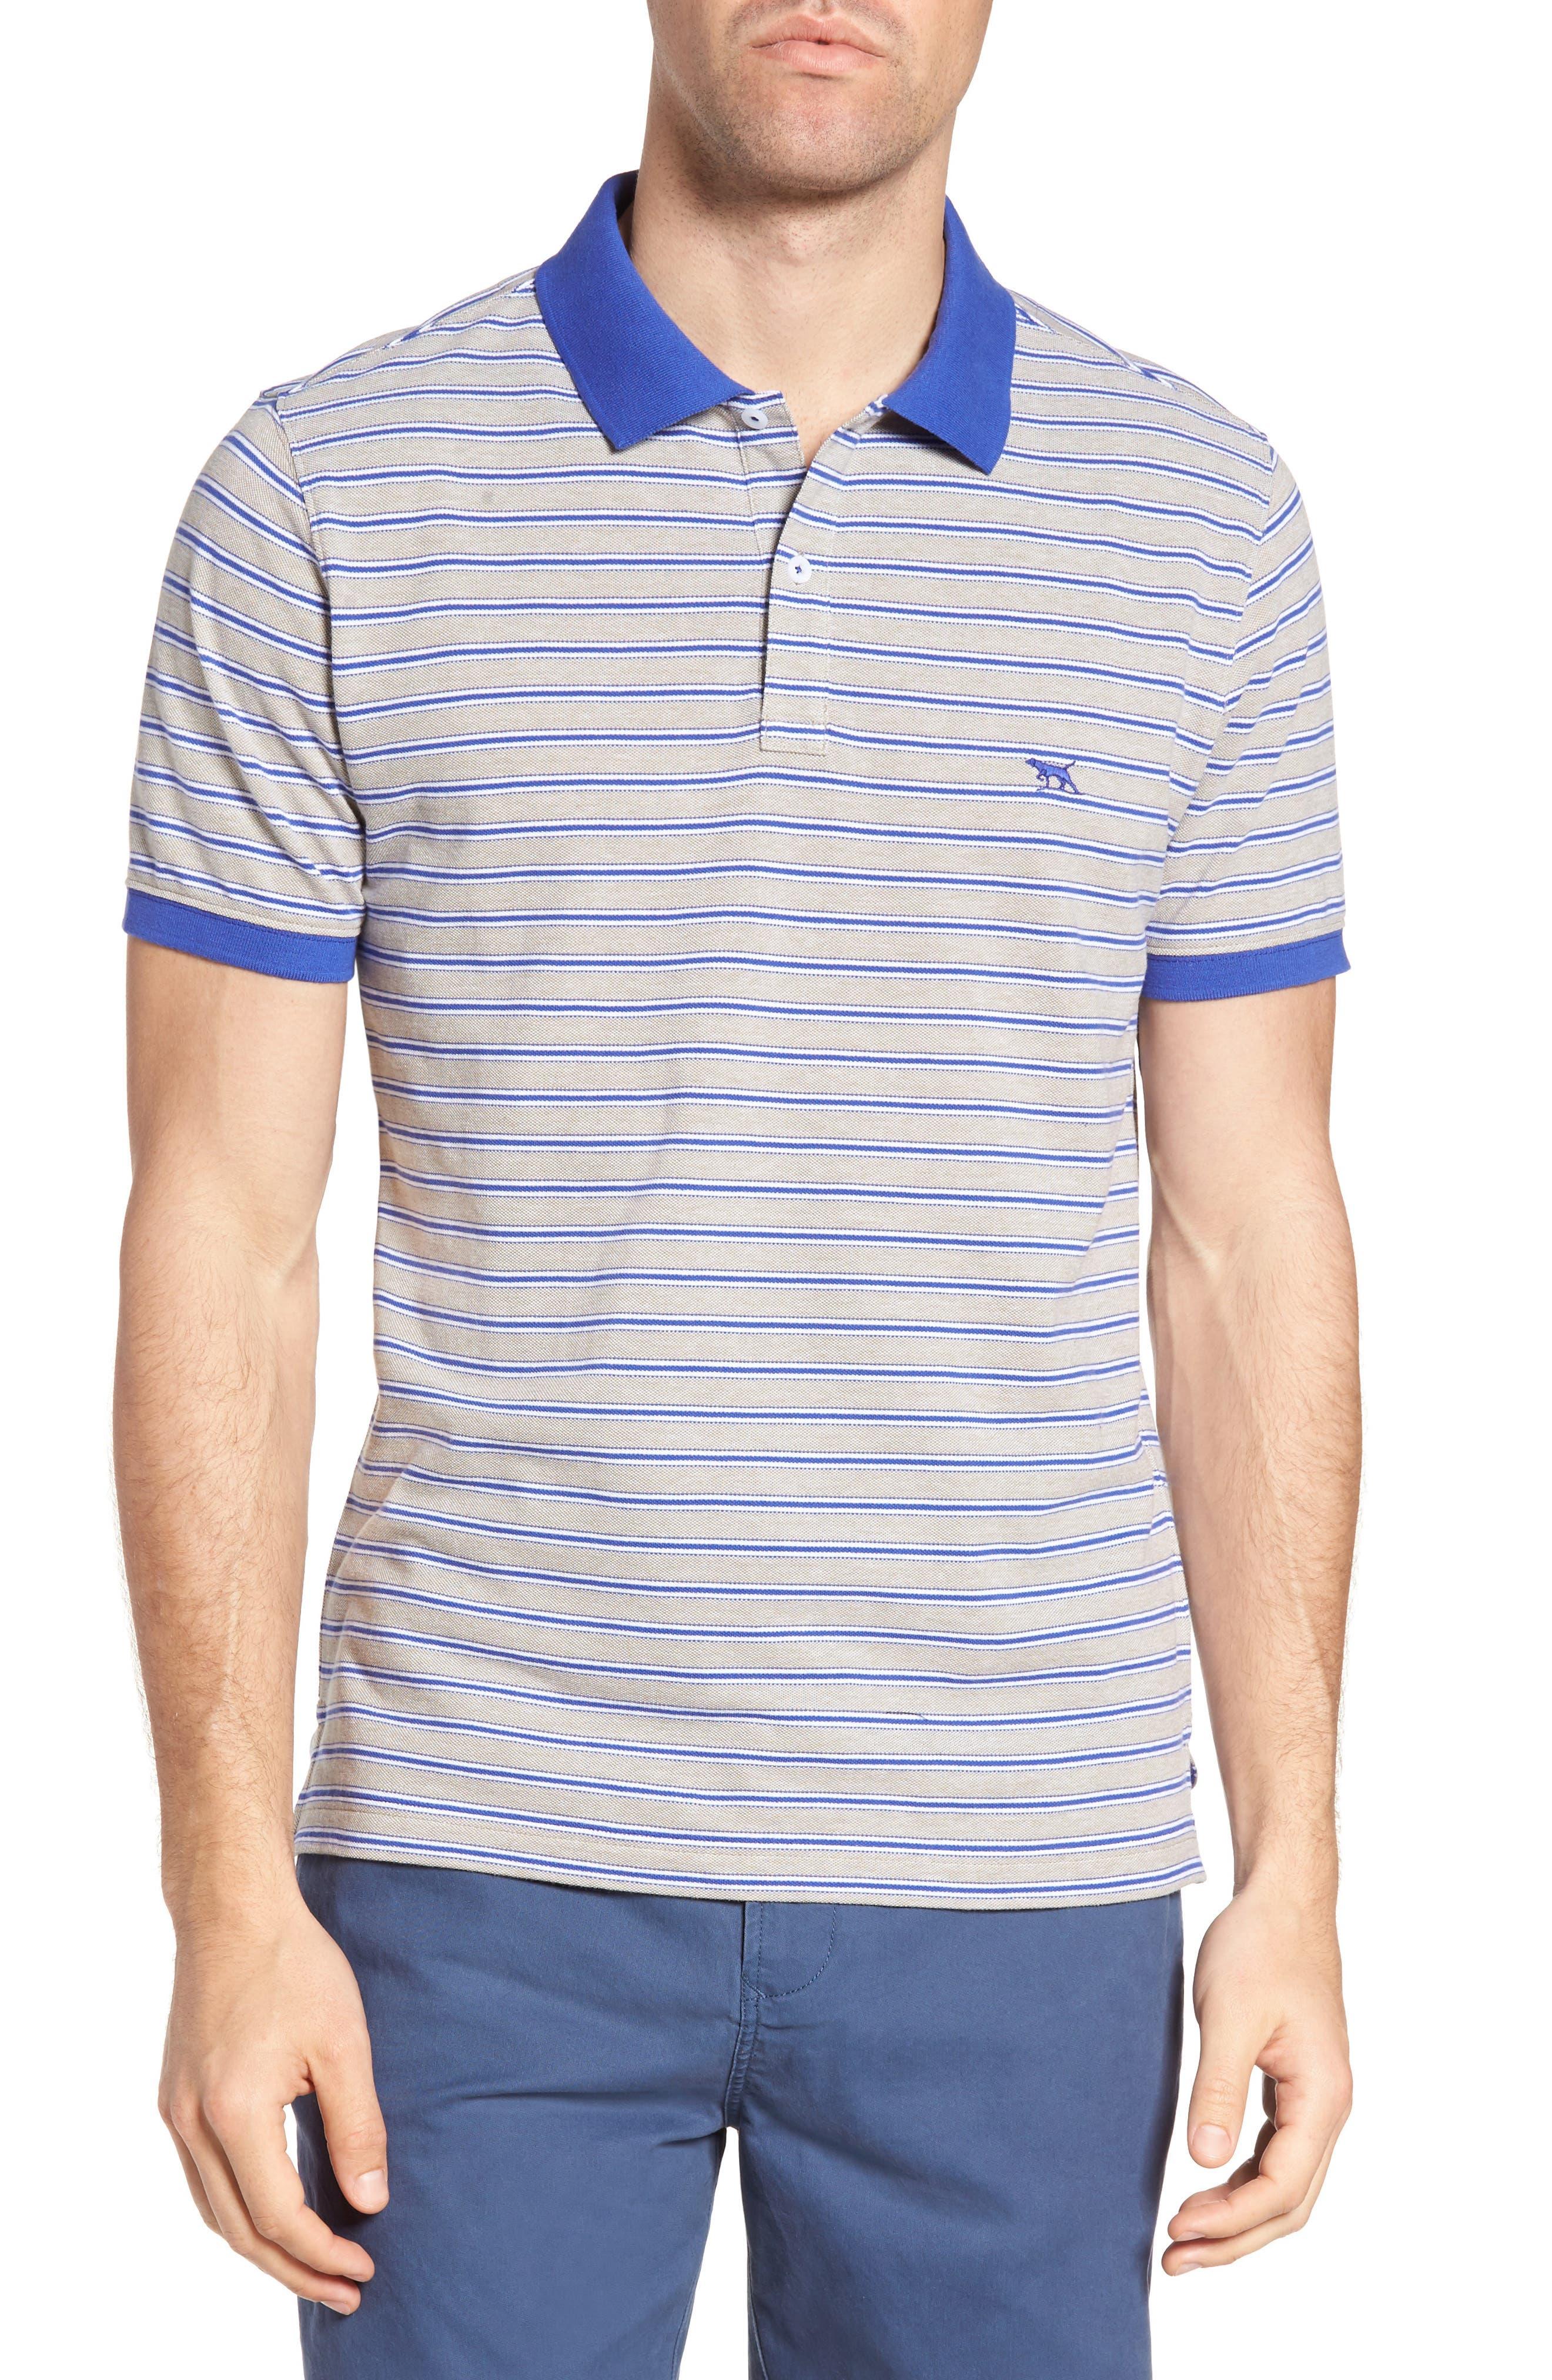 Kempthorne Sports Fit Stripe Piqué Polo,                         Main,                         color, 423